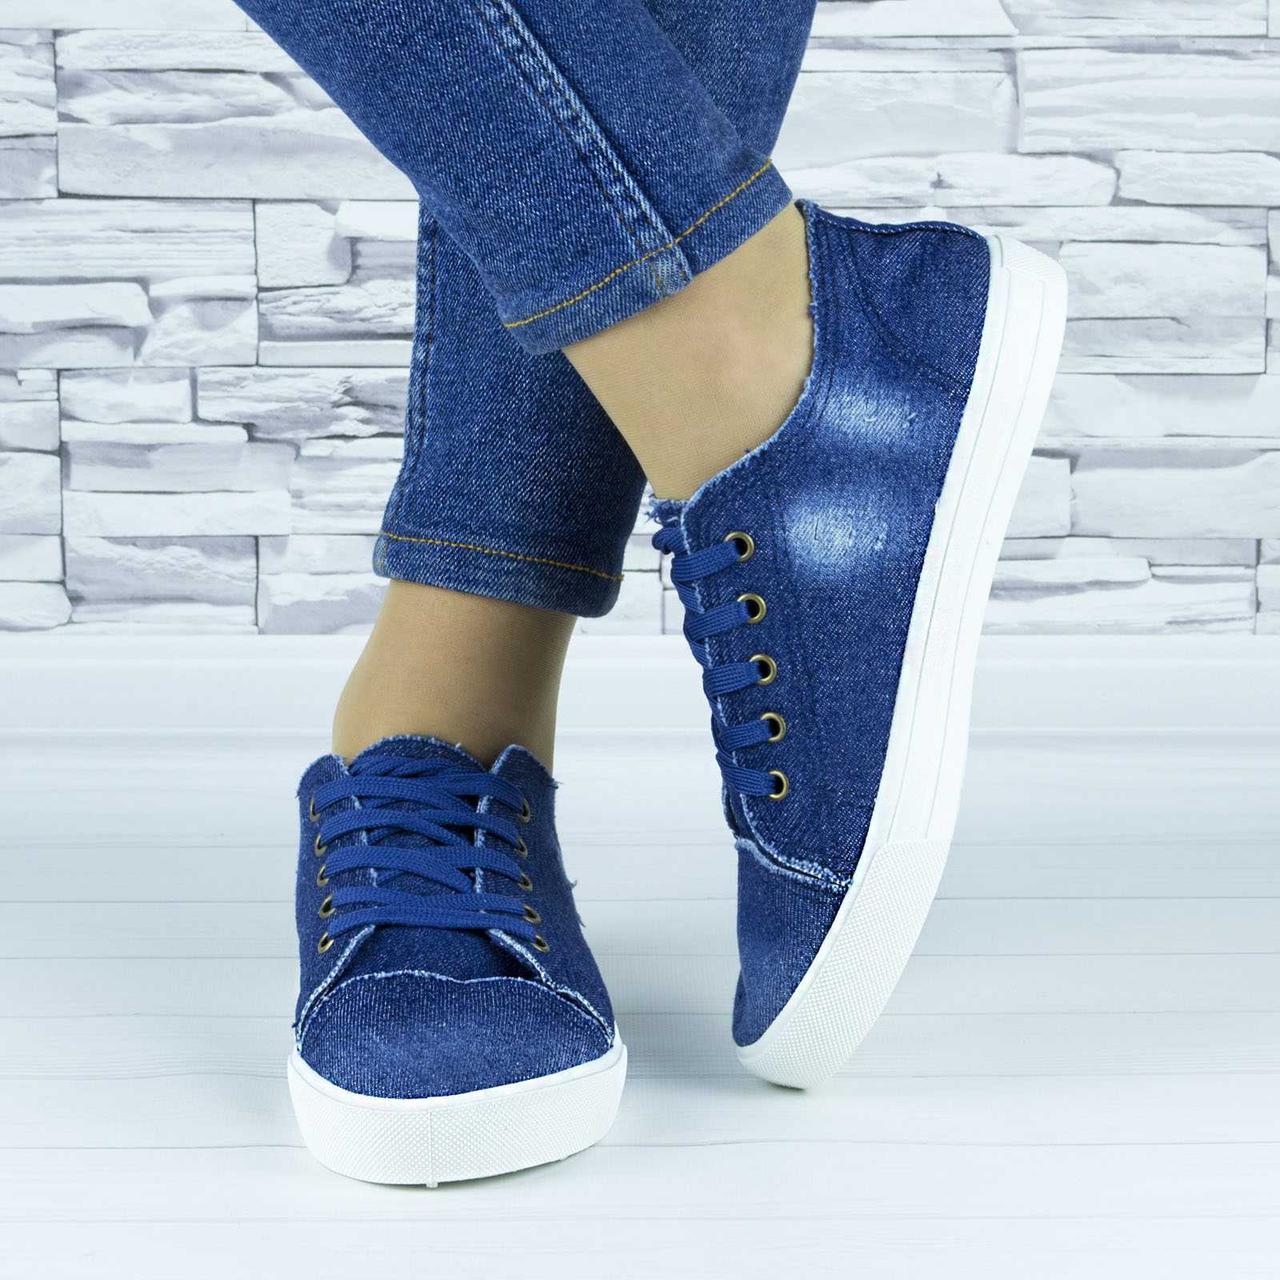 Кеди джинсові сині жіночі демісезонні текстильні (b-674)